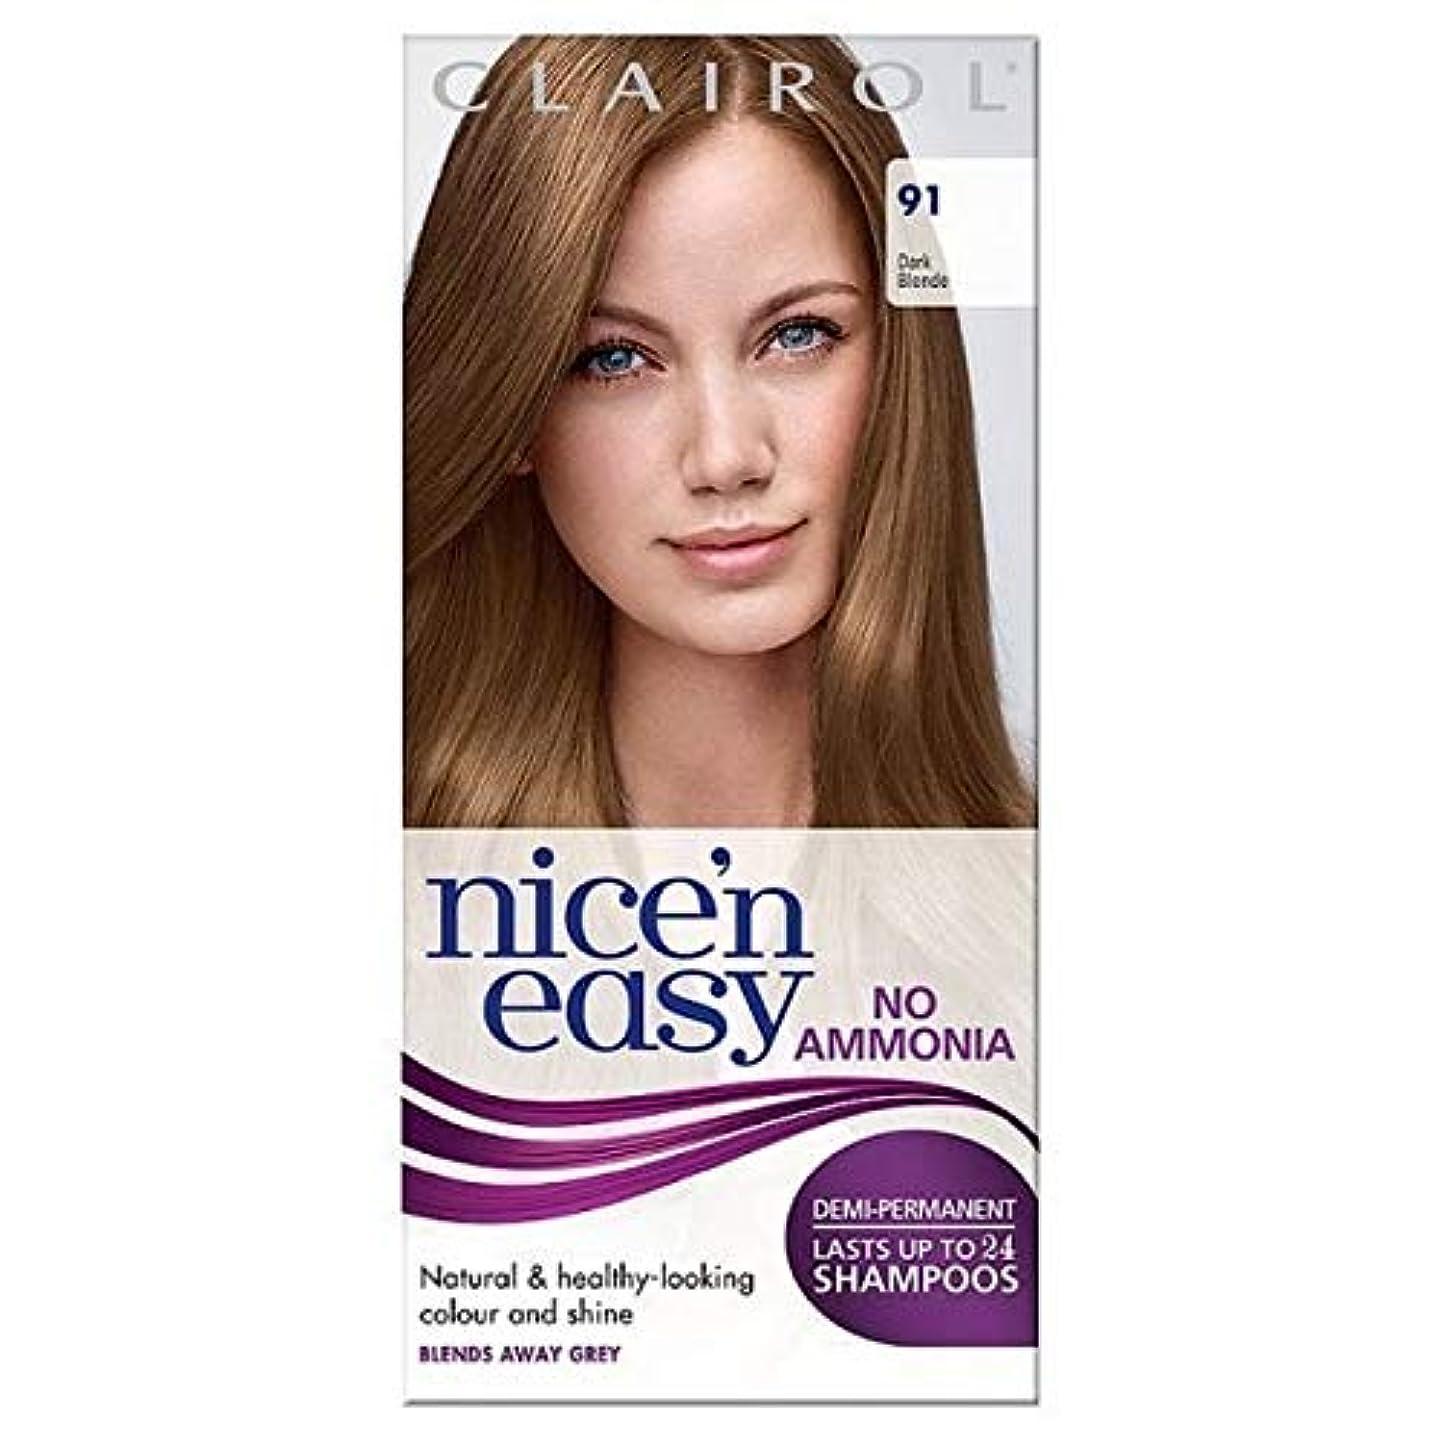 医師置くためにパック行商人[Nice'n Easy] Nice'N簡単に何のアンモニアの染毛剤ませんダークブロンドの91 - Nice'n Easy No Ammonia Hair Dye Dark Blonde 91 [並行輸入品]